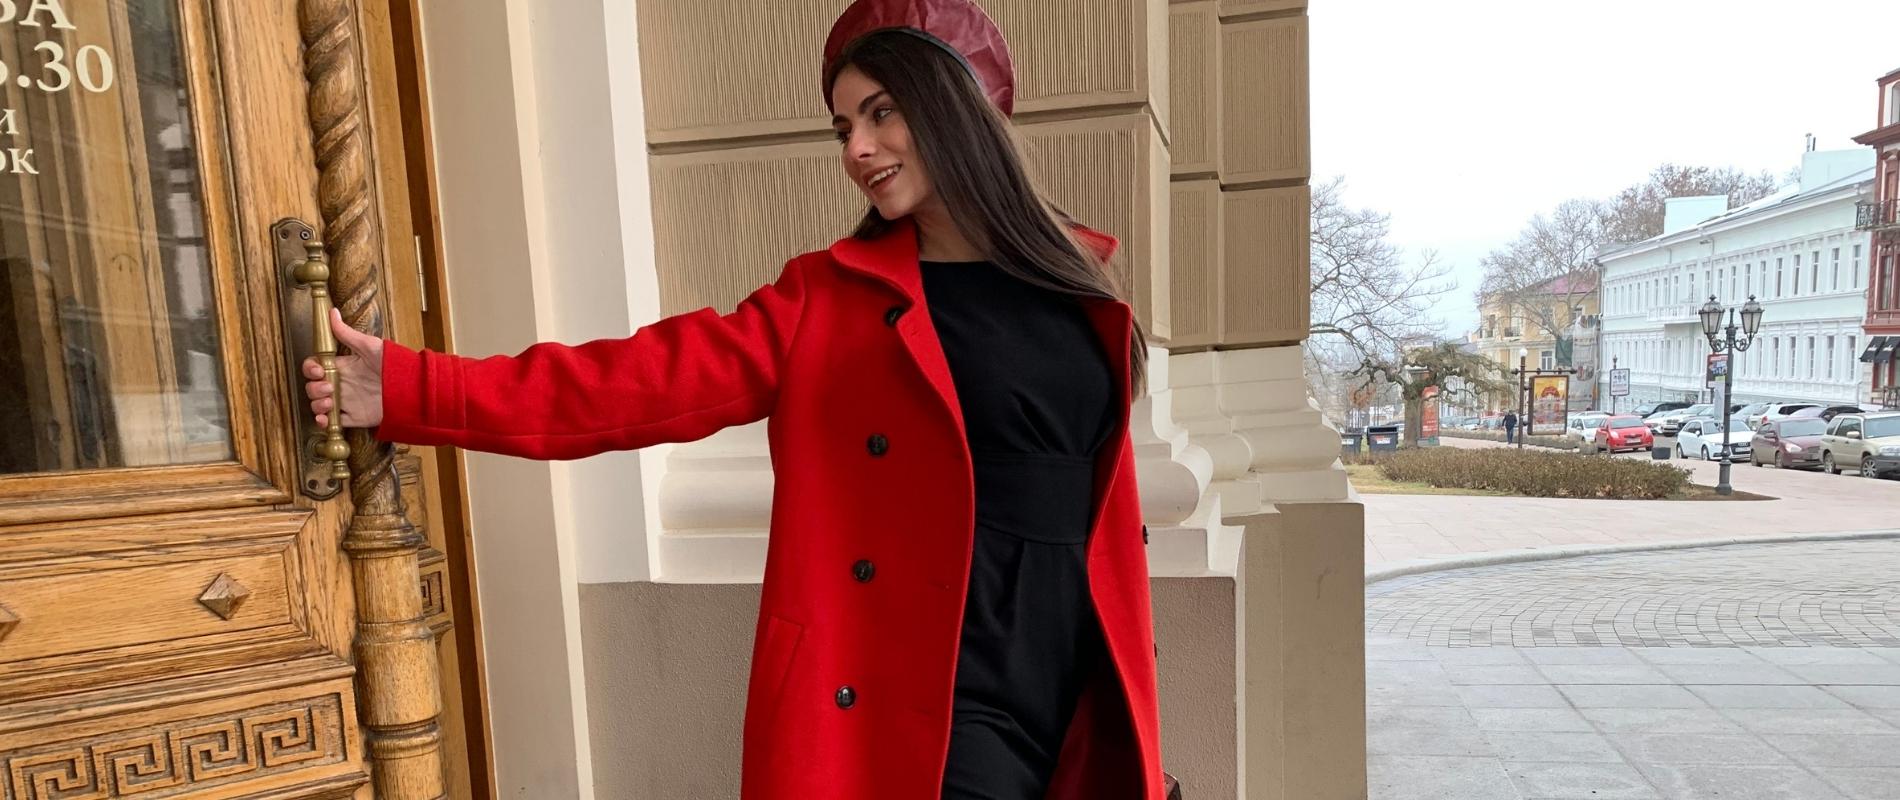 ᐈ Женскую одежду купить в интернет магазине недорого в Украине  9a51dd7137bff